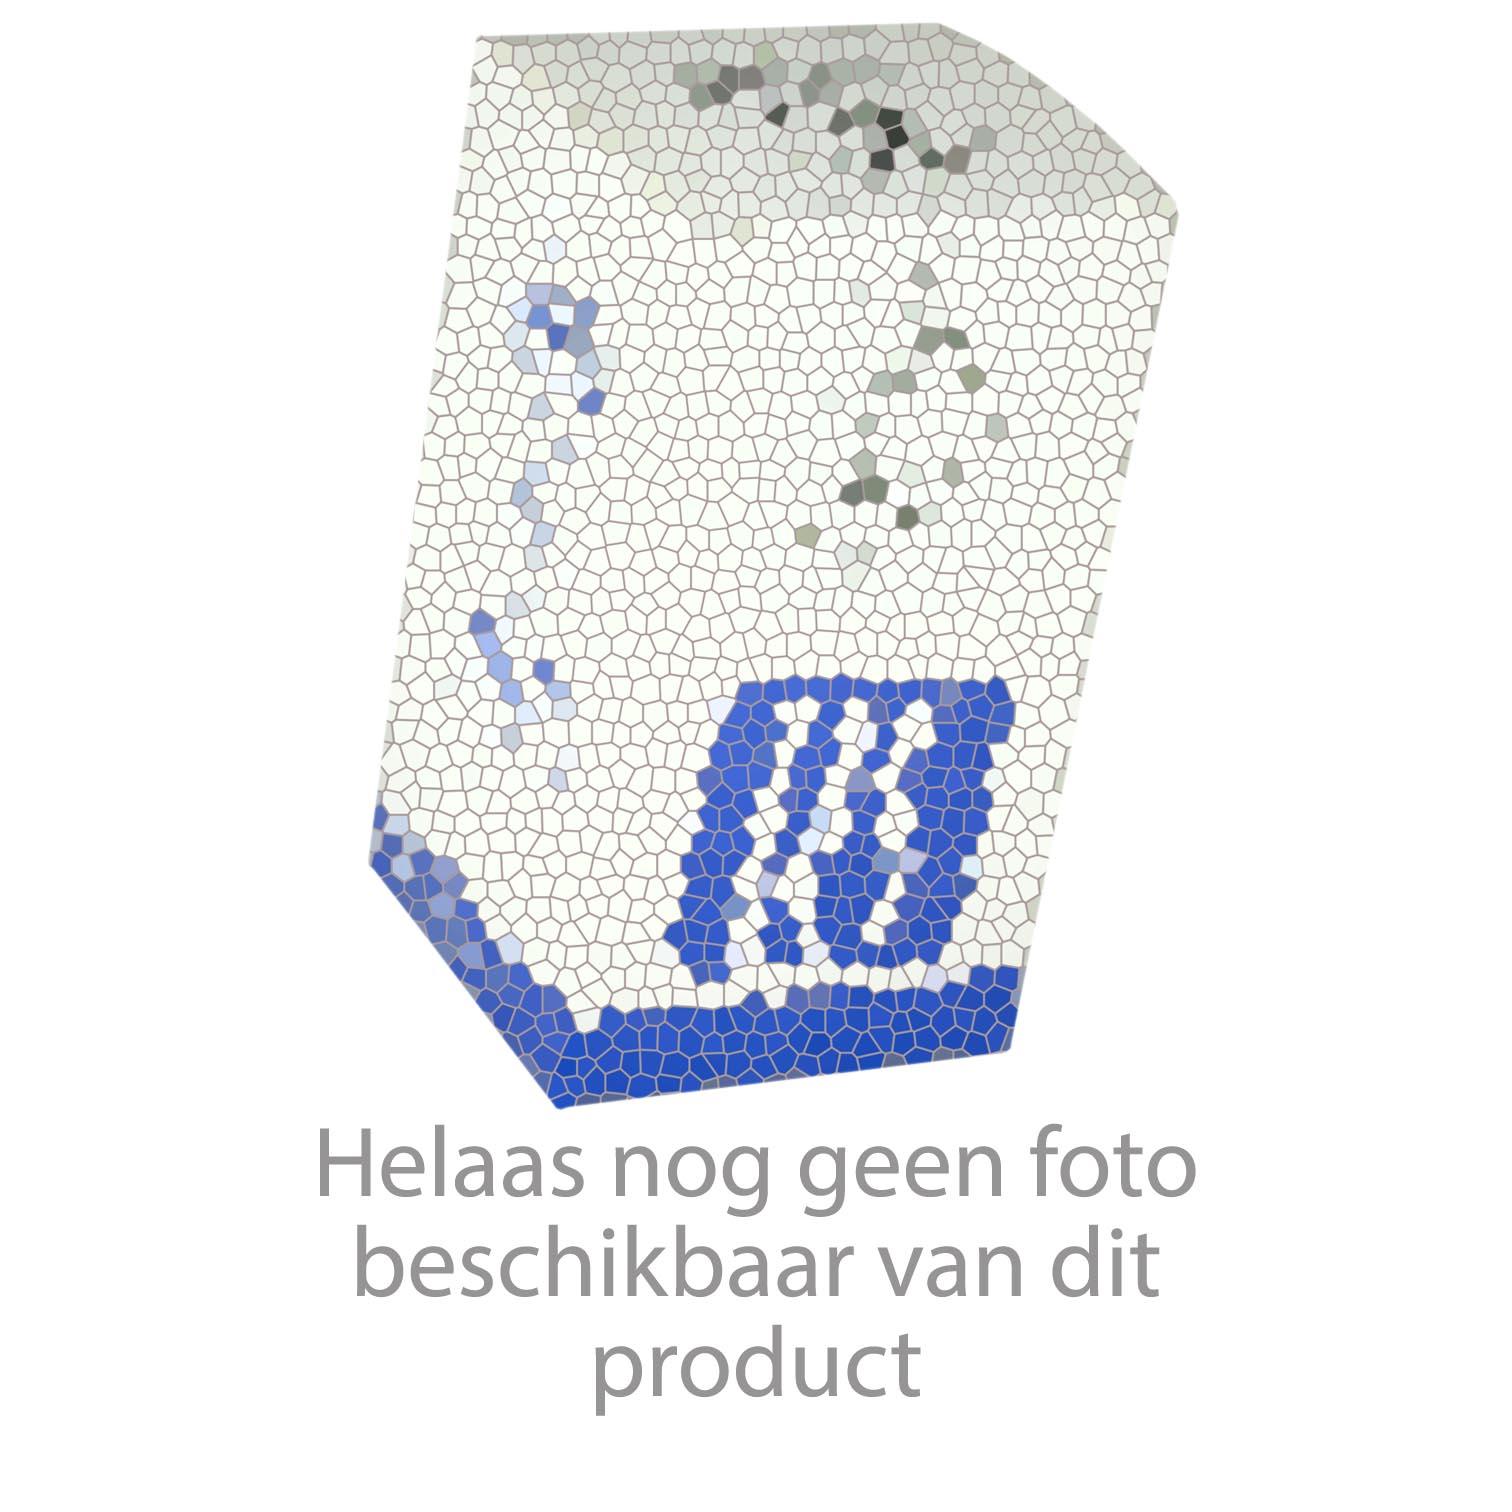 HansGrohe Afvoer- en overloopgarnituren Staro '90 productiejaar > 12/96 60055 onderdelen